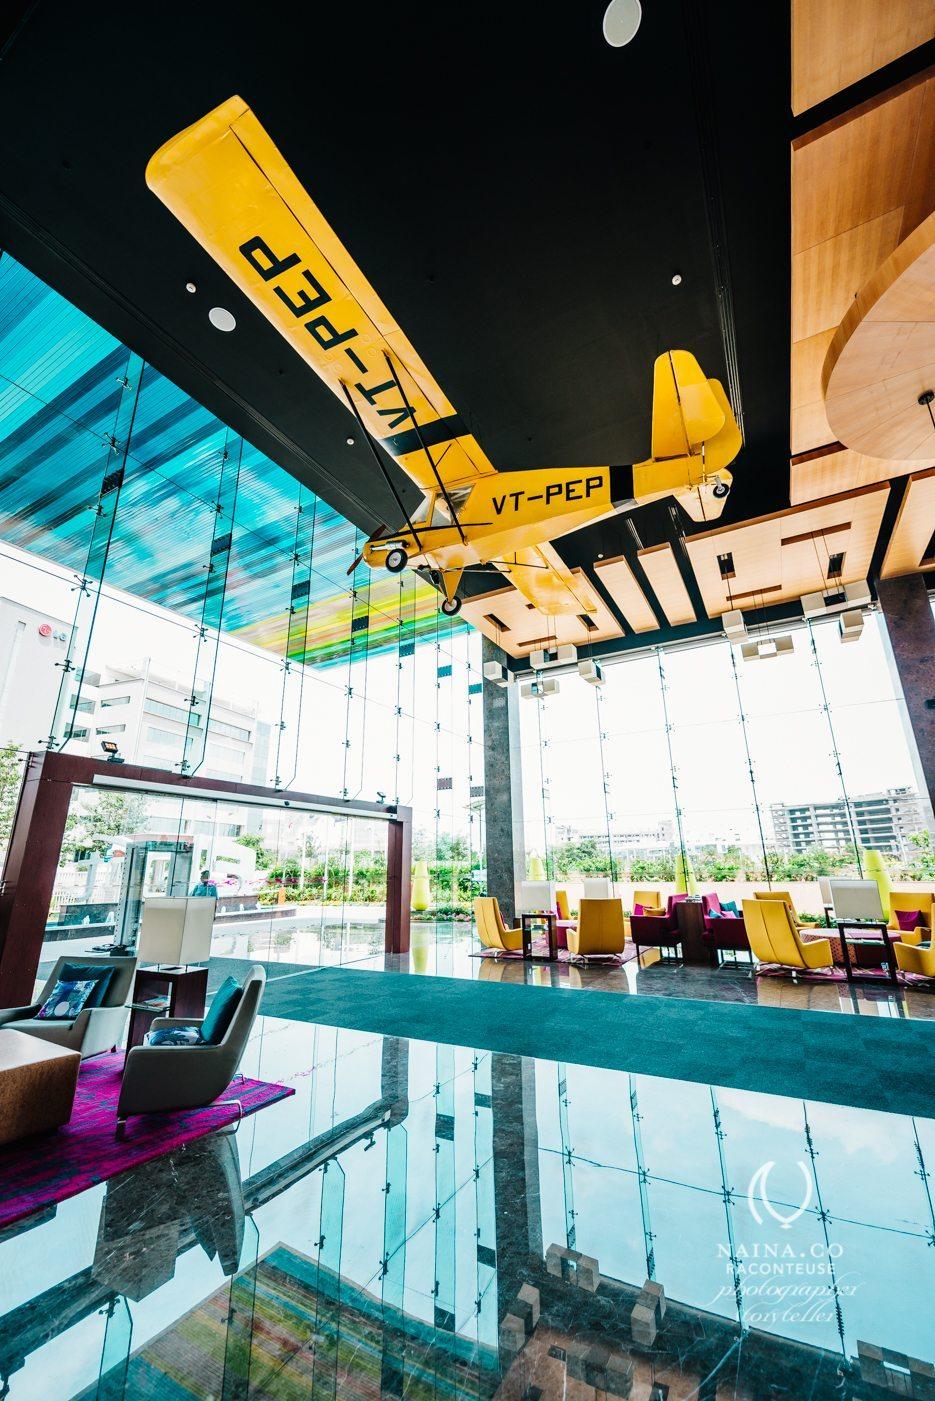 Naina.co-Photographer-Raconteuse-Storyteller-Luxury-Lifestyle-Aloft-CBP-Bangalore-Starwood-Launch-Hospitality-Hotel